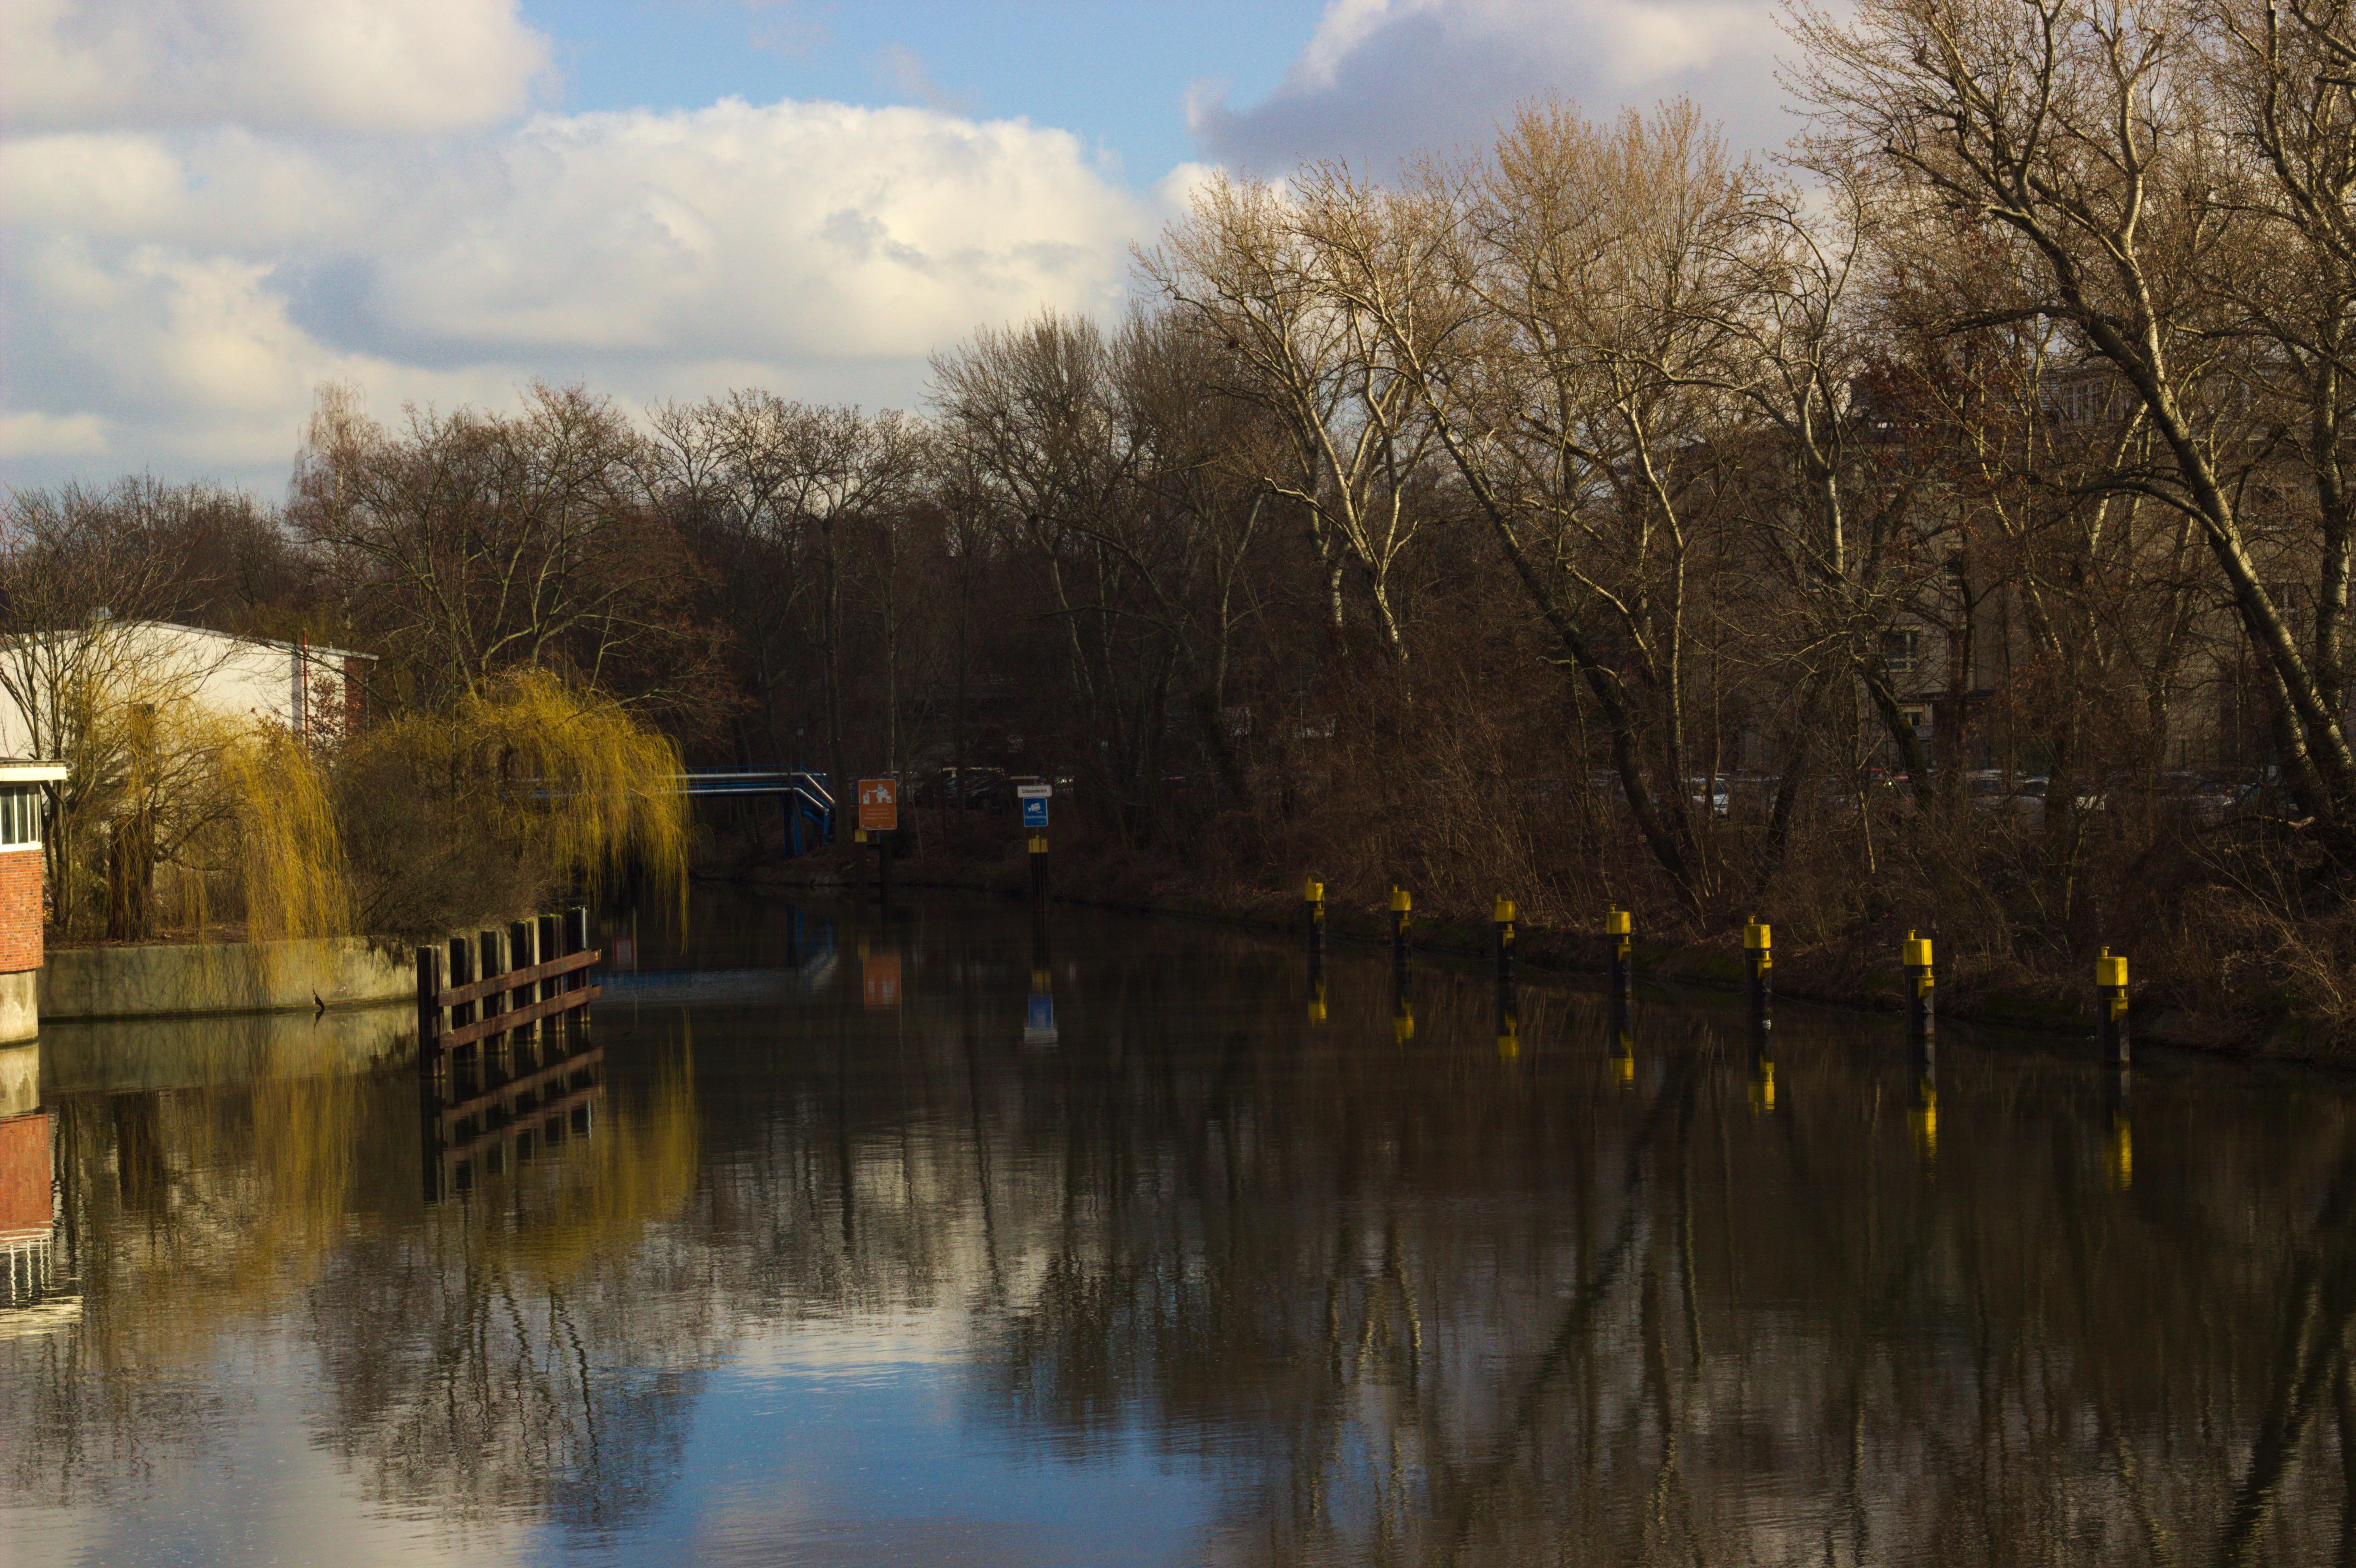 Landwehr canal, tiergarten photo